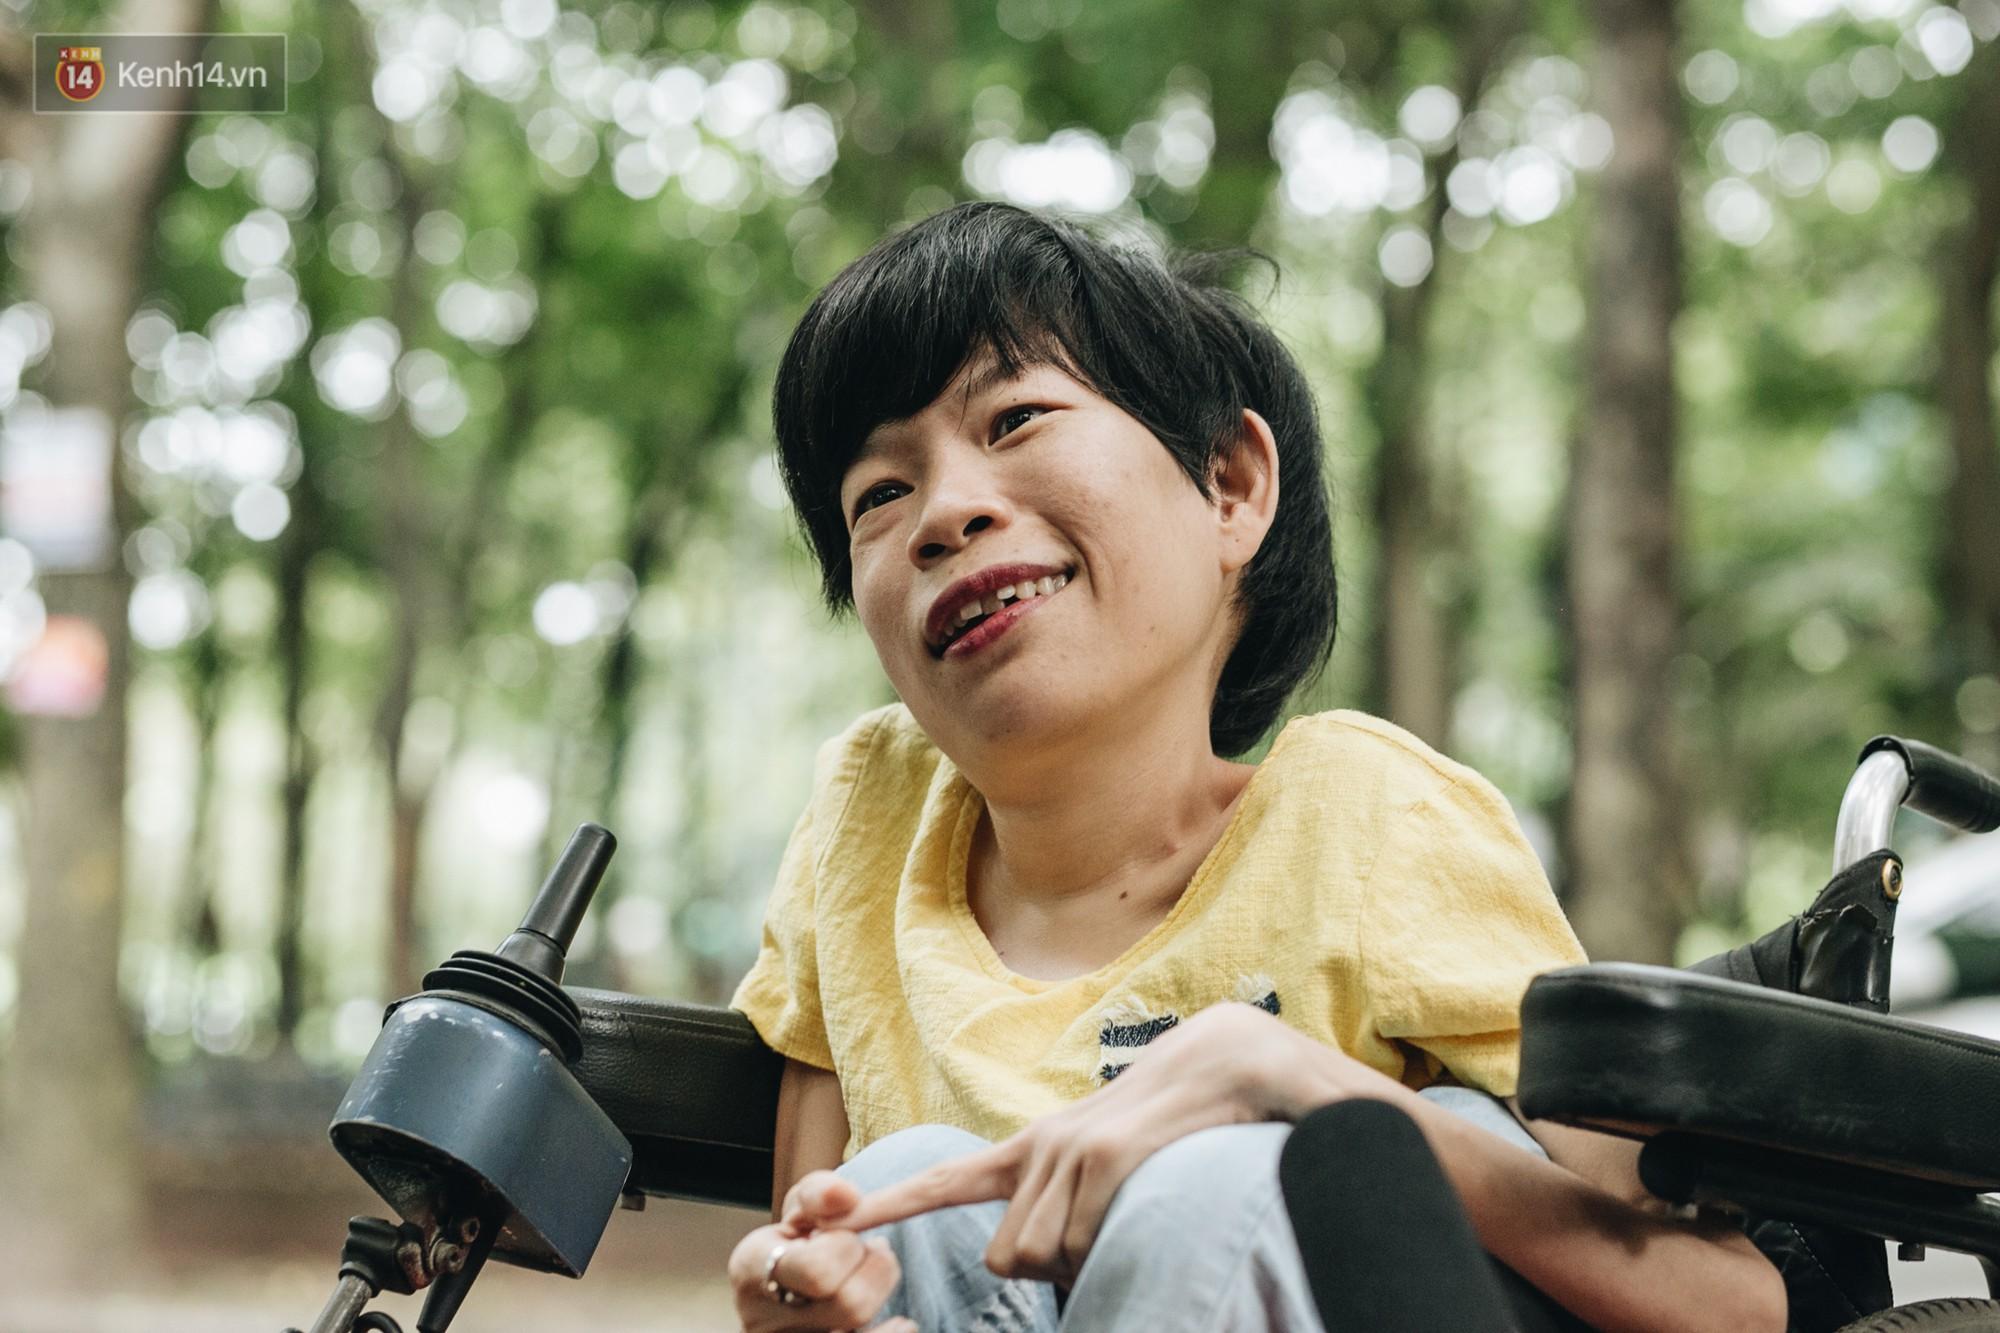 Đối với nhiều người khuyết tật Việt Nam, cái tên Nguyễn Thị Vân (CTHĐQT trung tâm Nghị Lực Sống) đã không còn xa lạ gì.